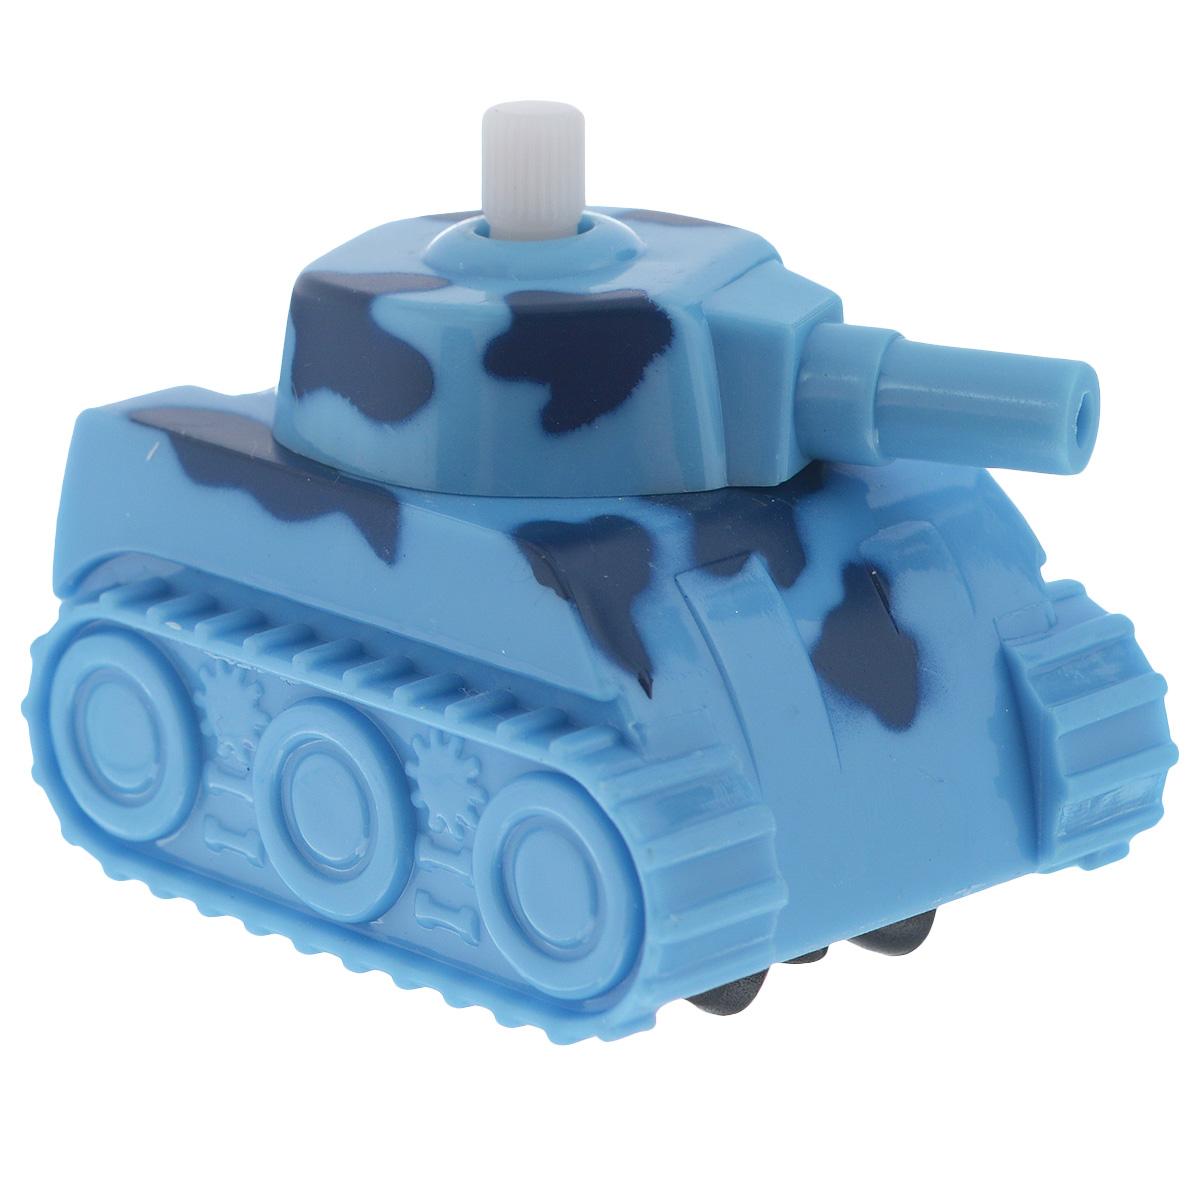 Игрушка заводная Танчик, цвет: голубой игрушка танк